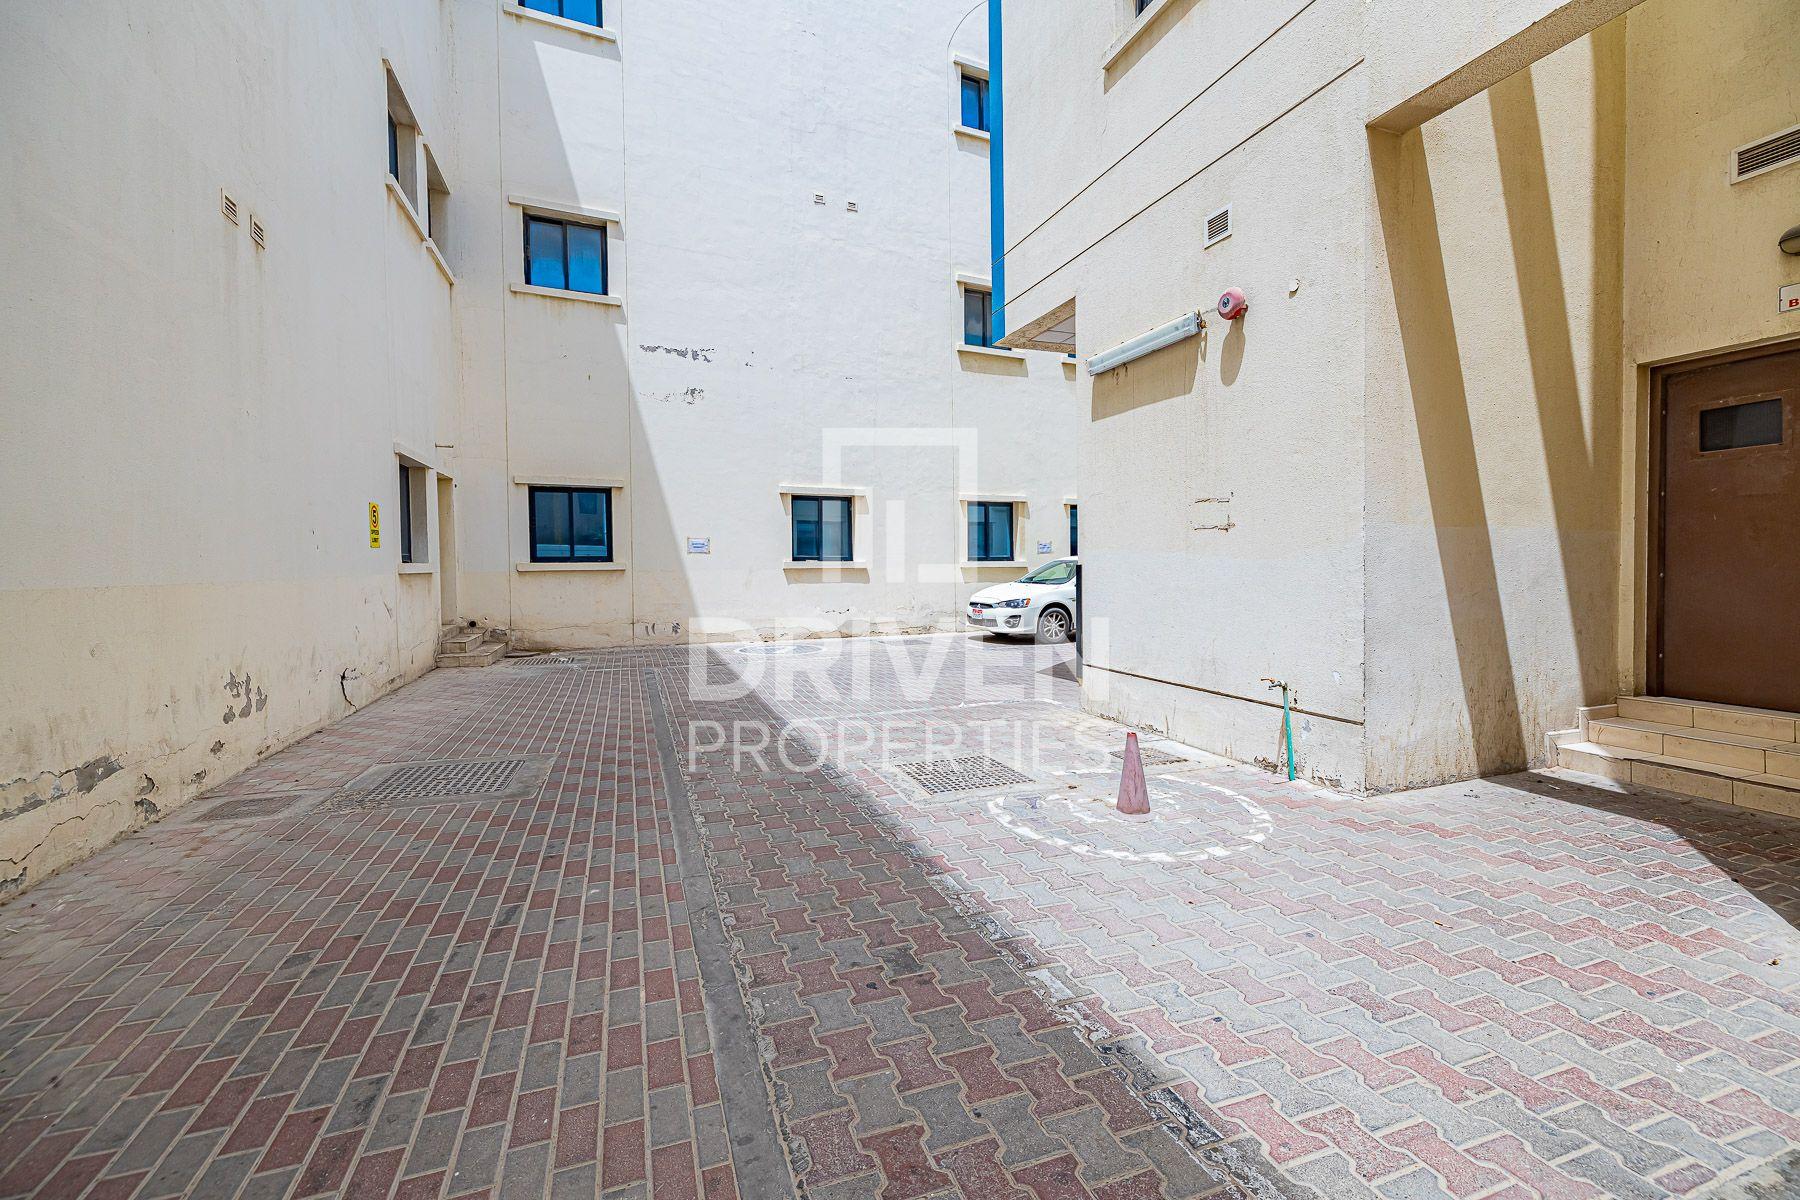 للايجار - مخيم عمال - المرحلة 1 - مجمع دبي للإستثمار